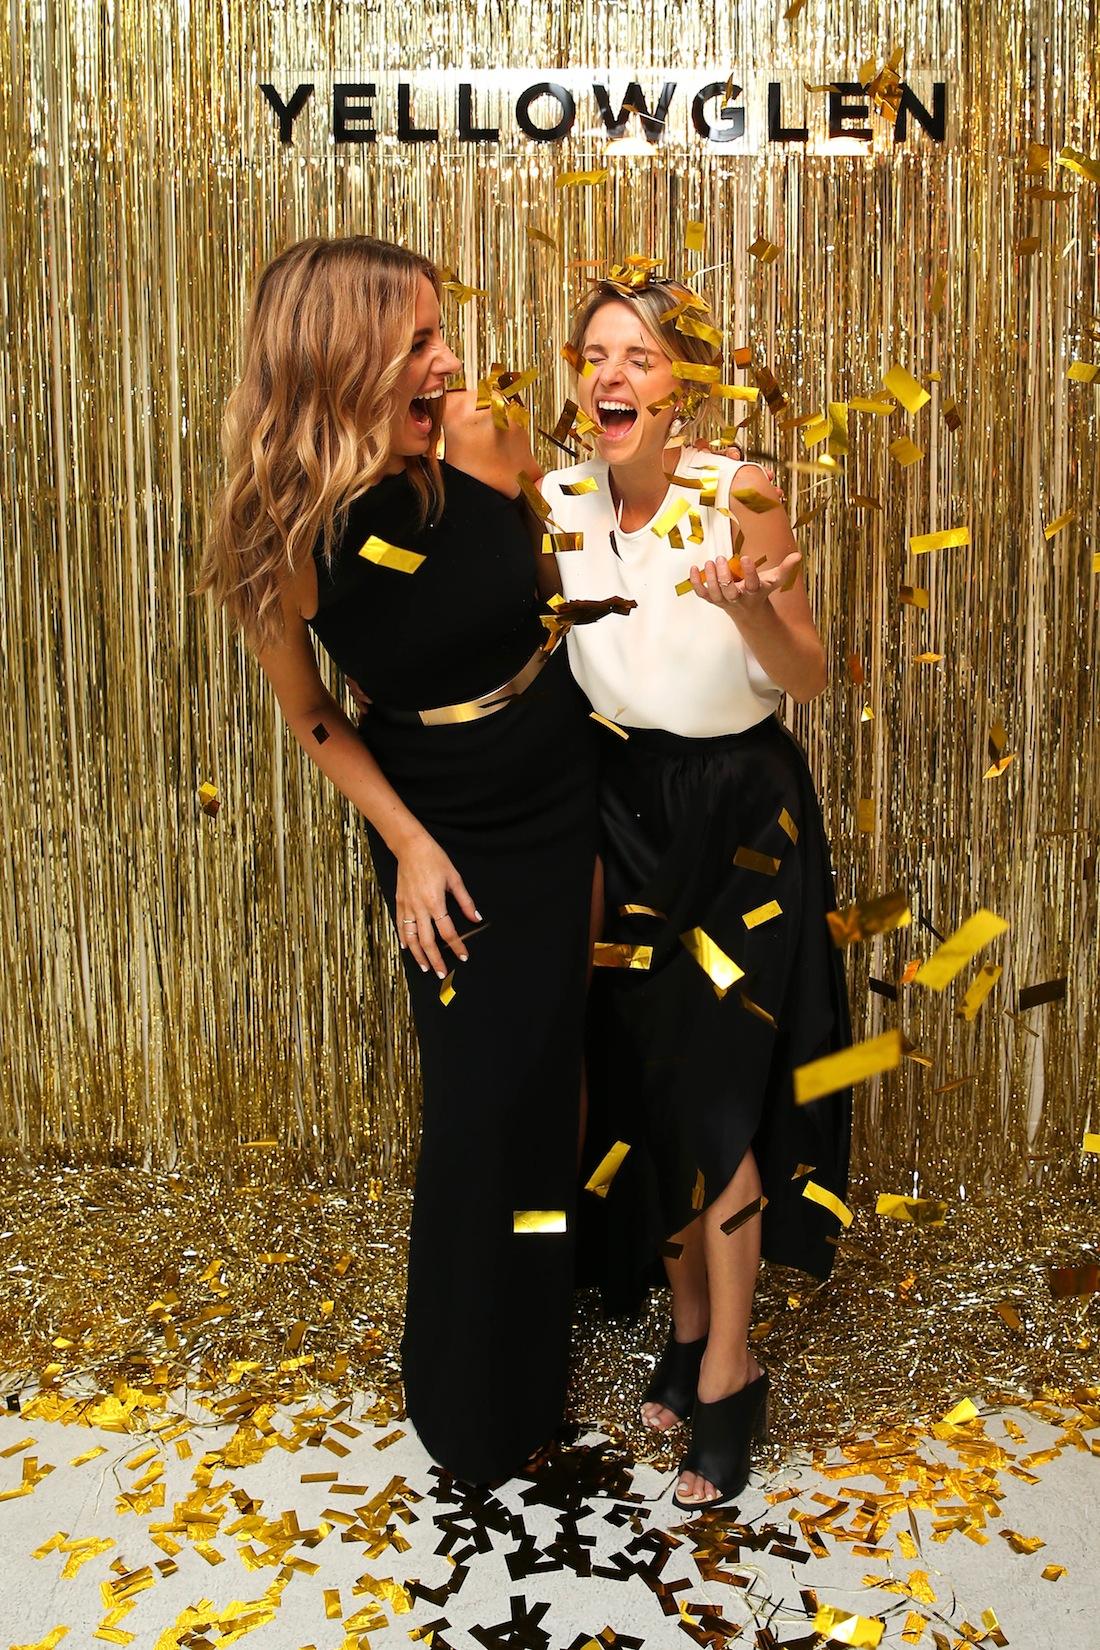 yellowglen-sparkle-launch-samantha-wills-nadia-fairfax.jpg